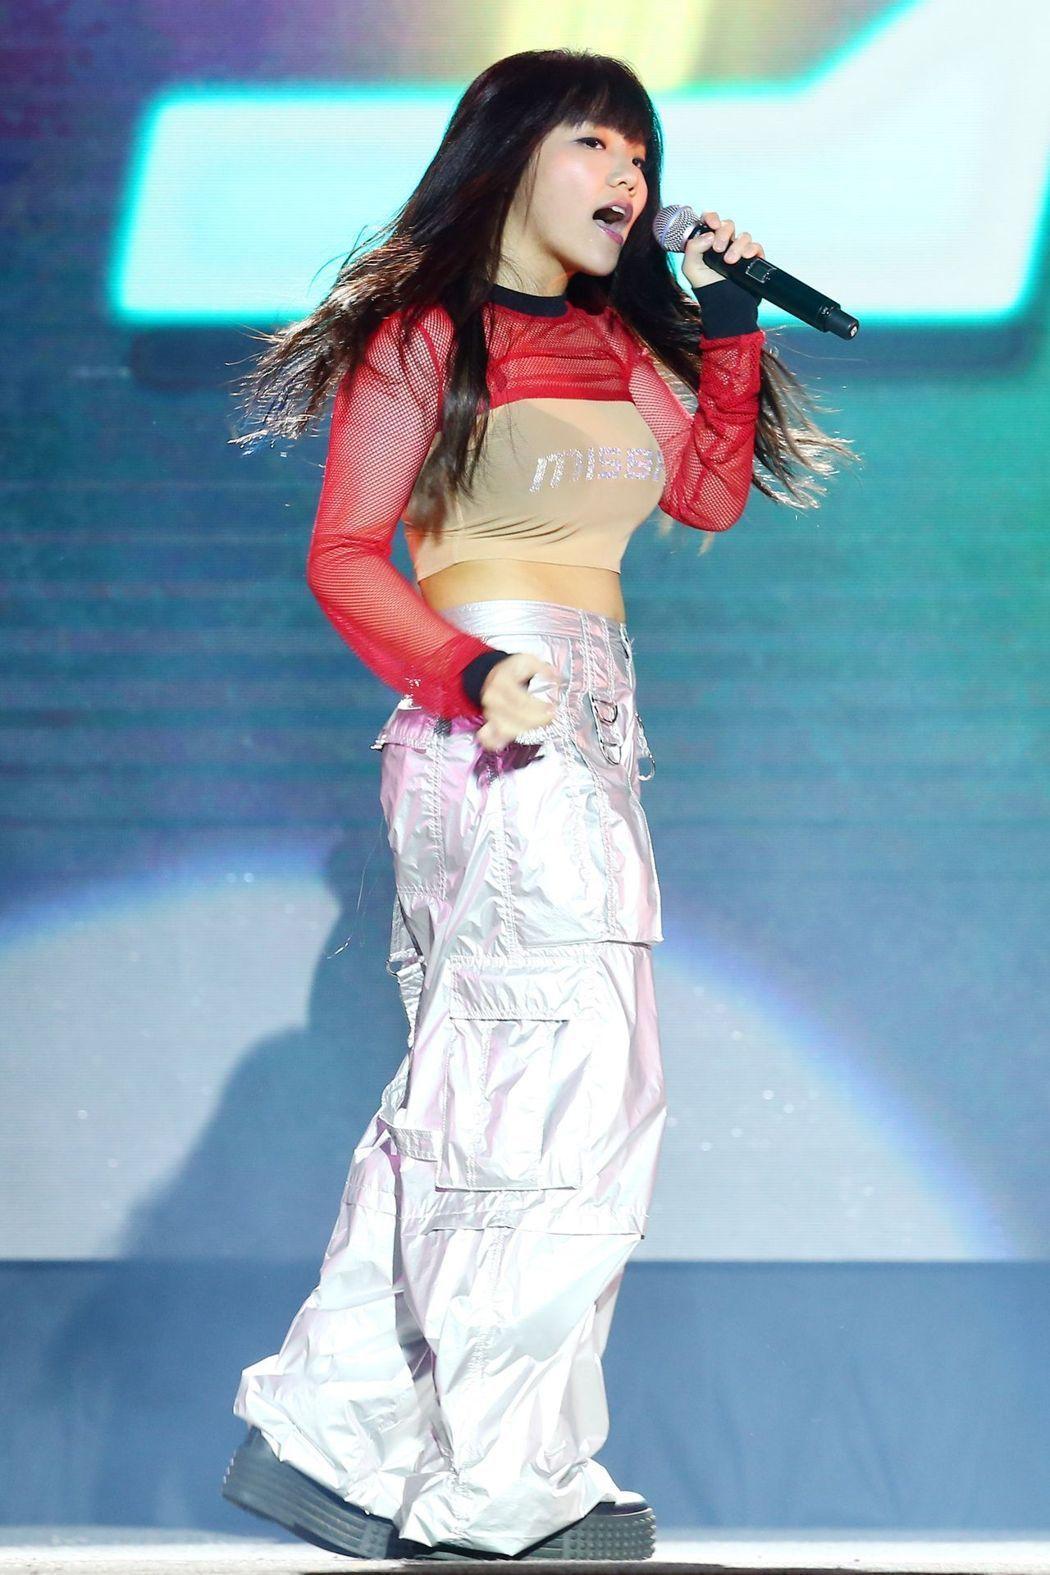 環球EMI新人唱跳歌手安那明天將推出首張迷你專輯「我叫安那」,歌手阿妹準備了一雙...